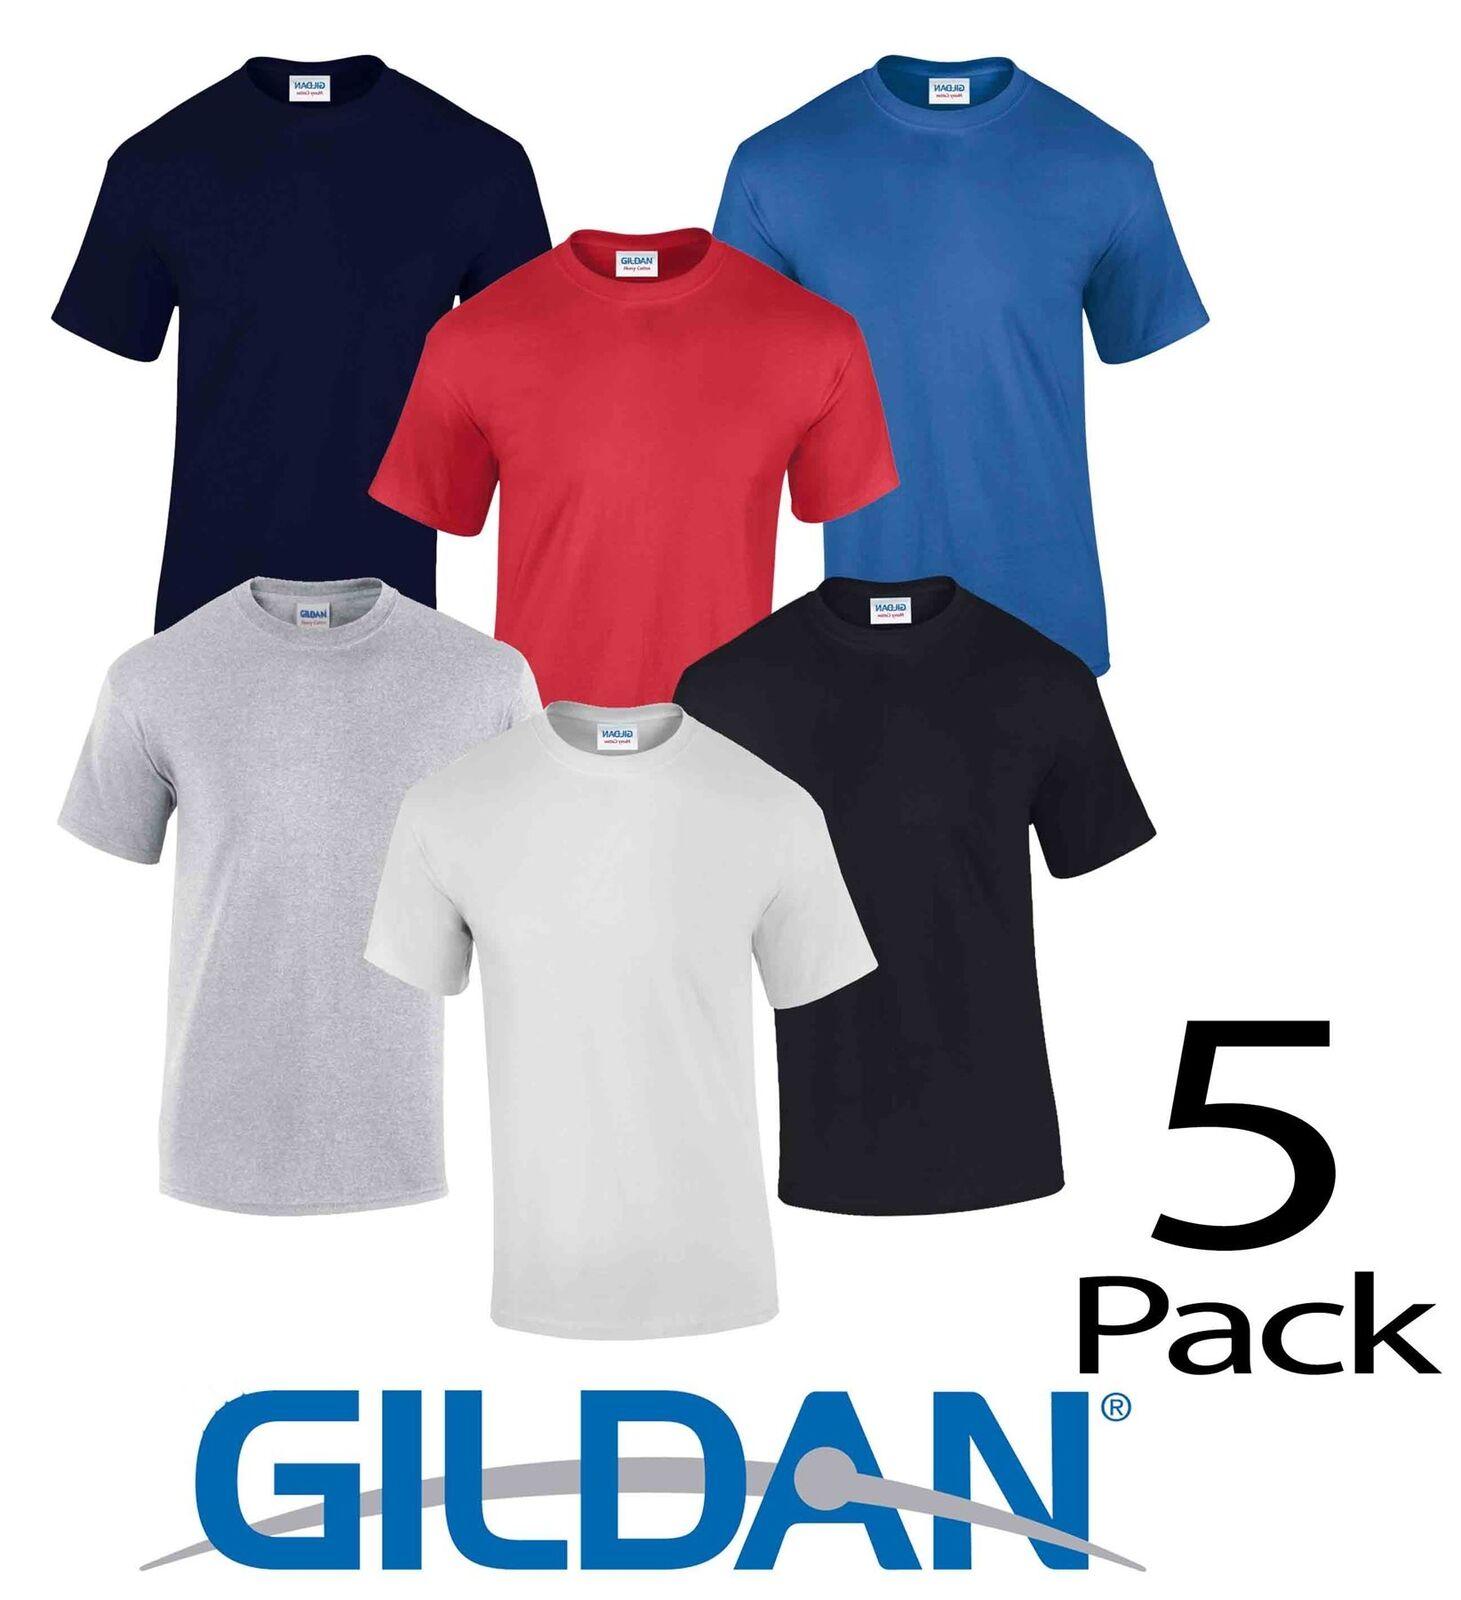 5 T-shirt Pack Uni GILDAN T-shirt 5 homme coton épais à manches courtes  Plain Tee T Shirt 5de568 cc4e11ef215f